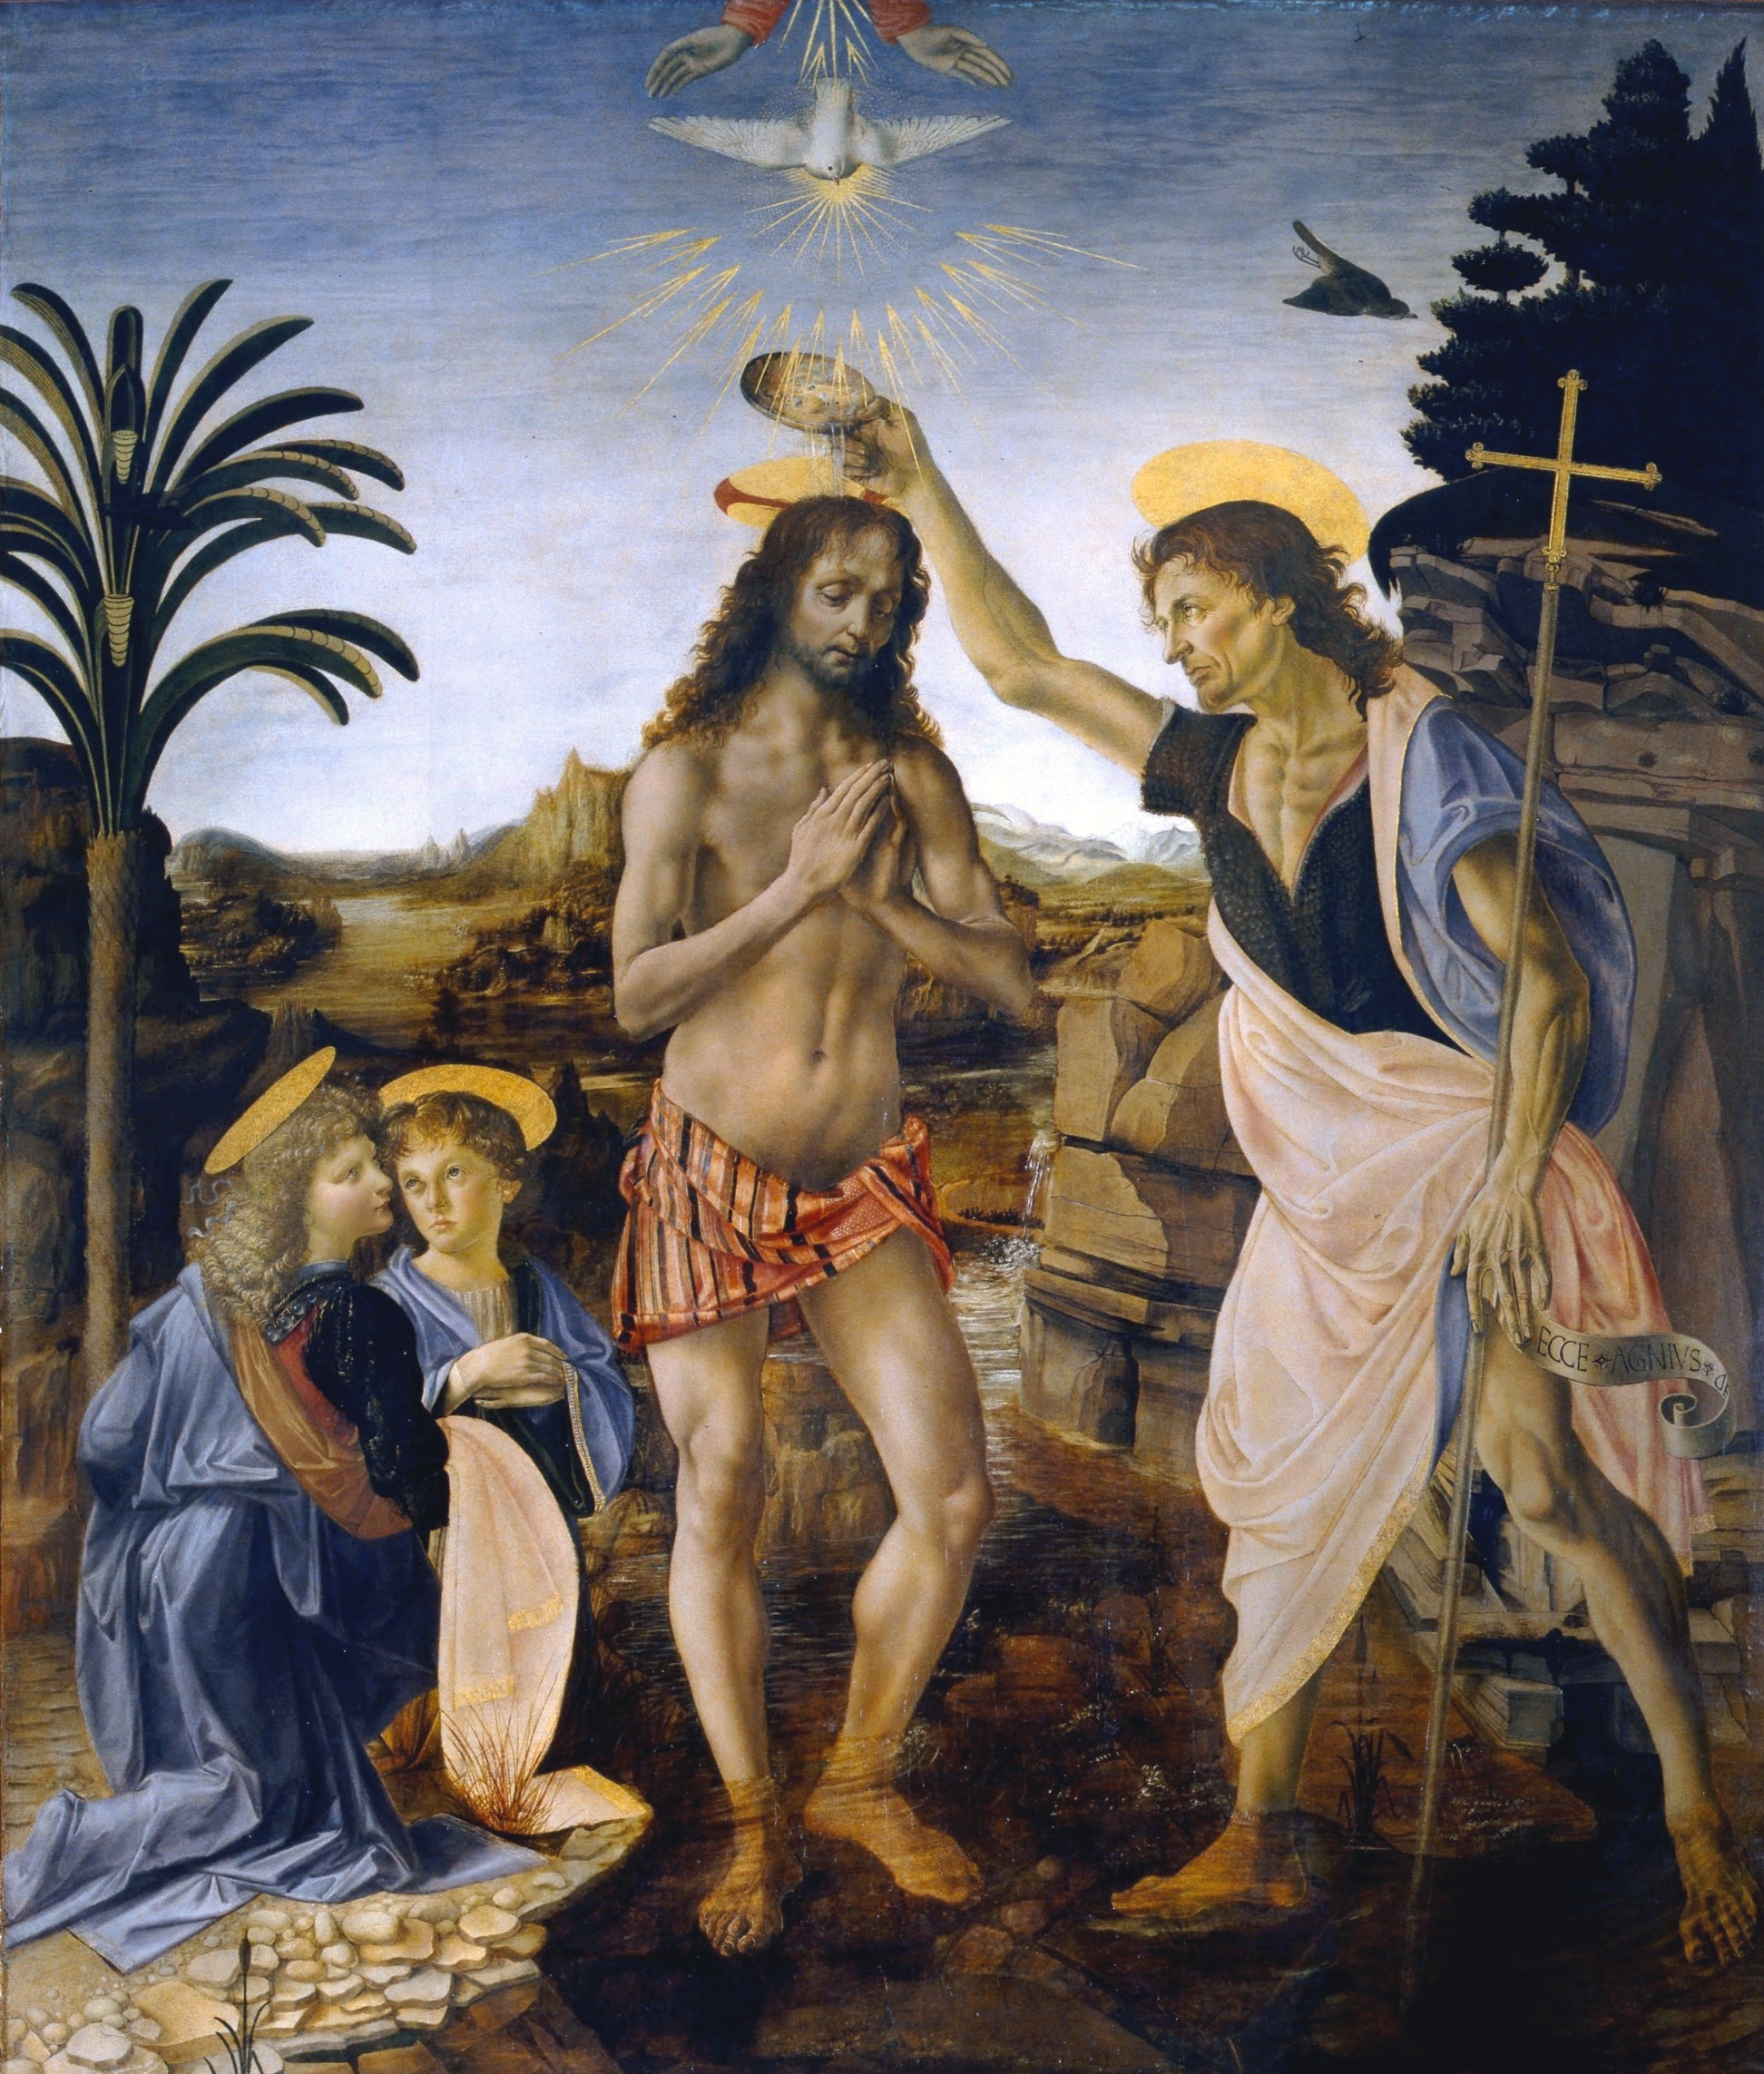 Testimonium Flavianum